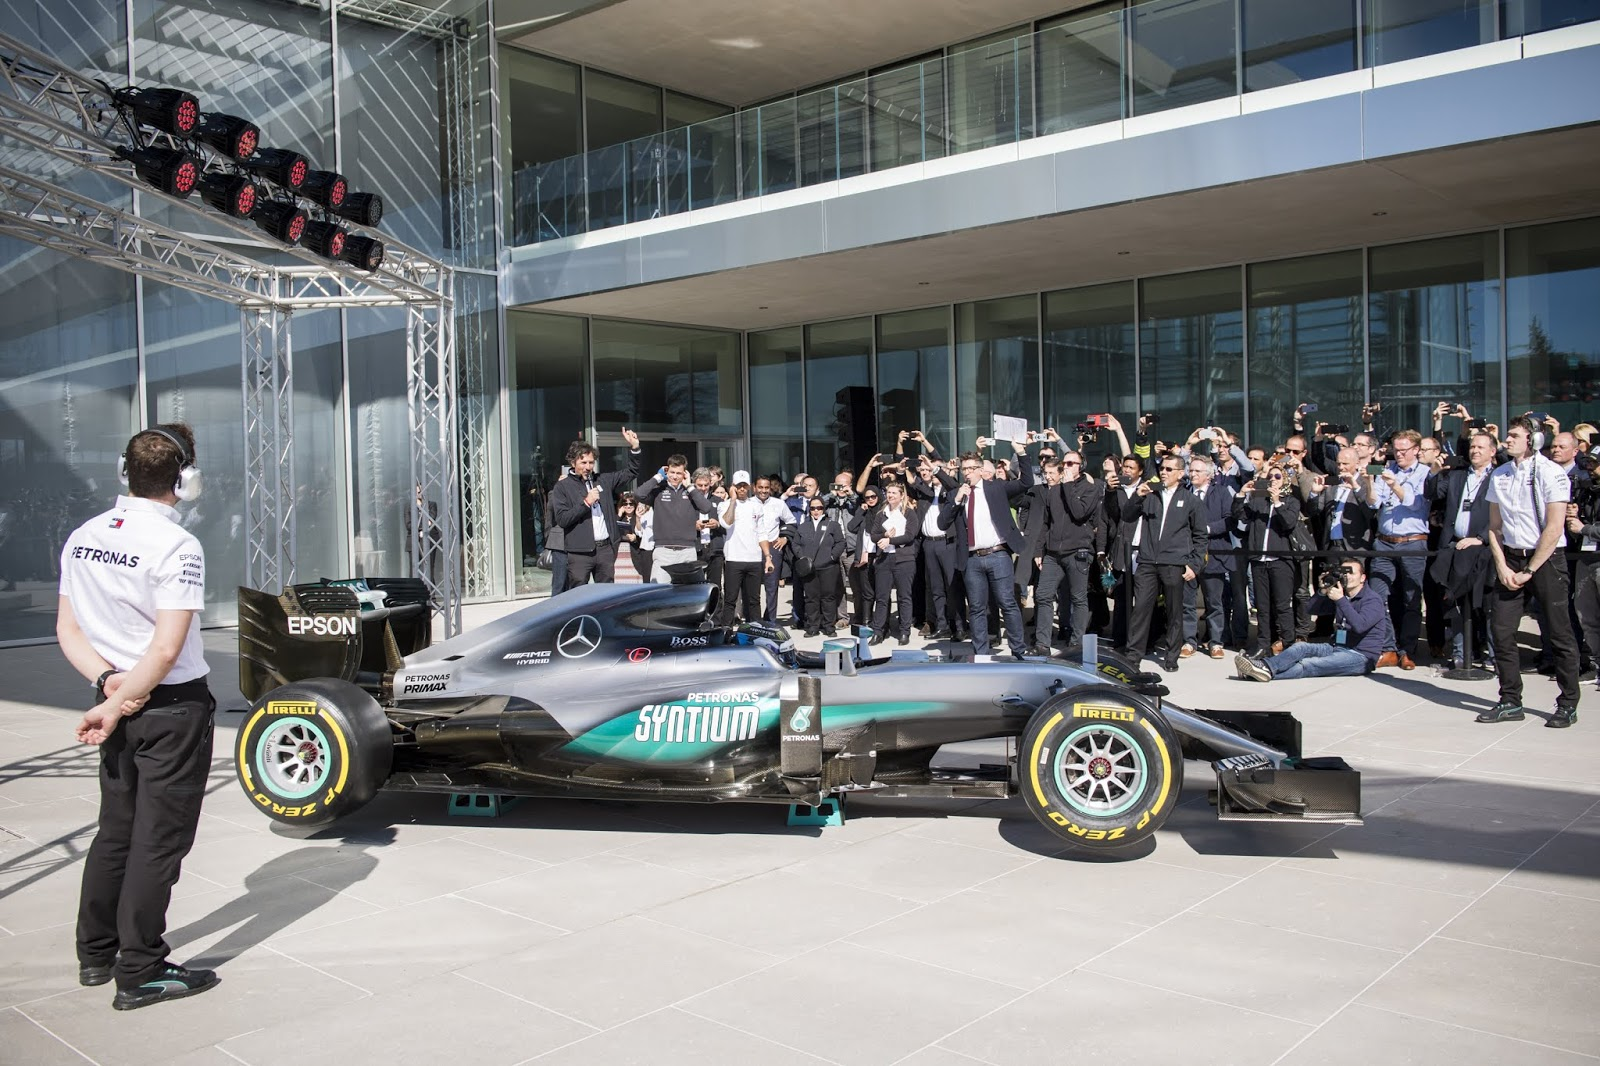 La tecnología de Epson continúa apoyando a Mercedes-AMG Petronas Motorsport